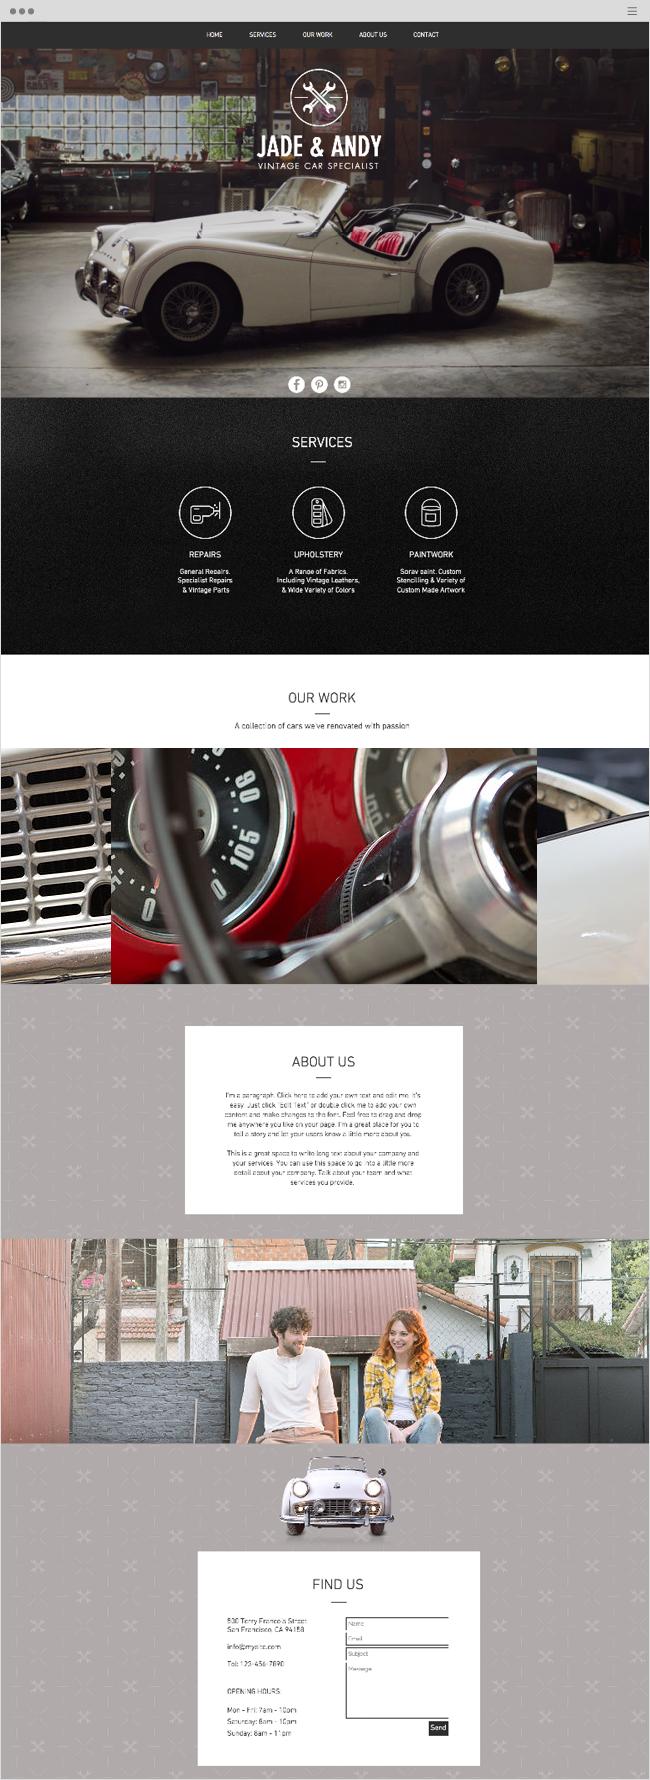 vintage car garage website template wix website templates pinterest template and logos. Black Bedroom Furniture Sets. Home Design Ideas